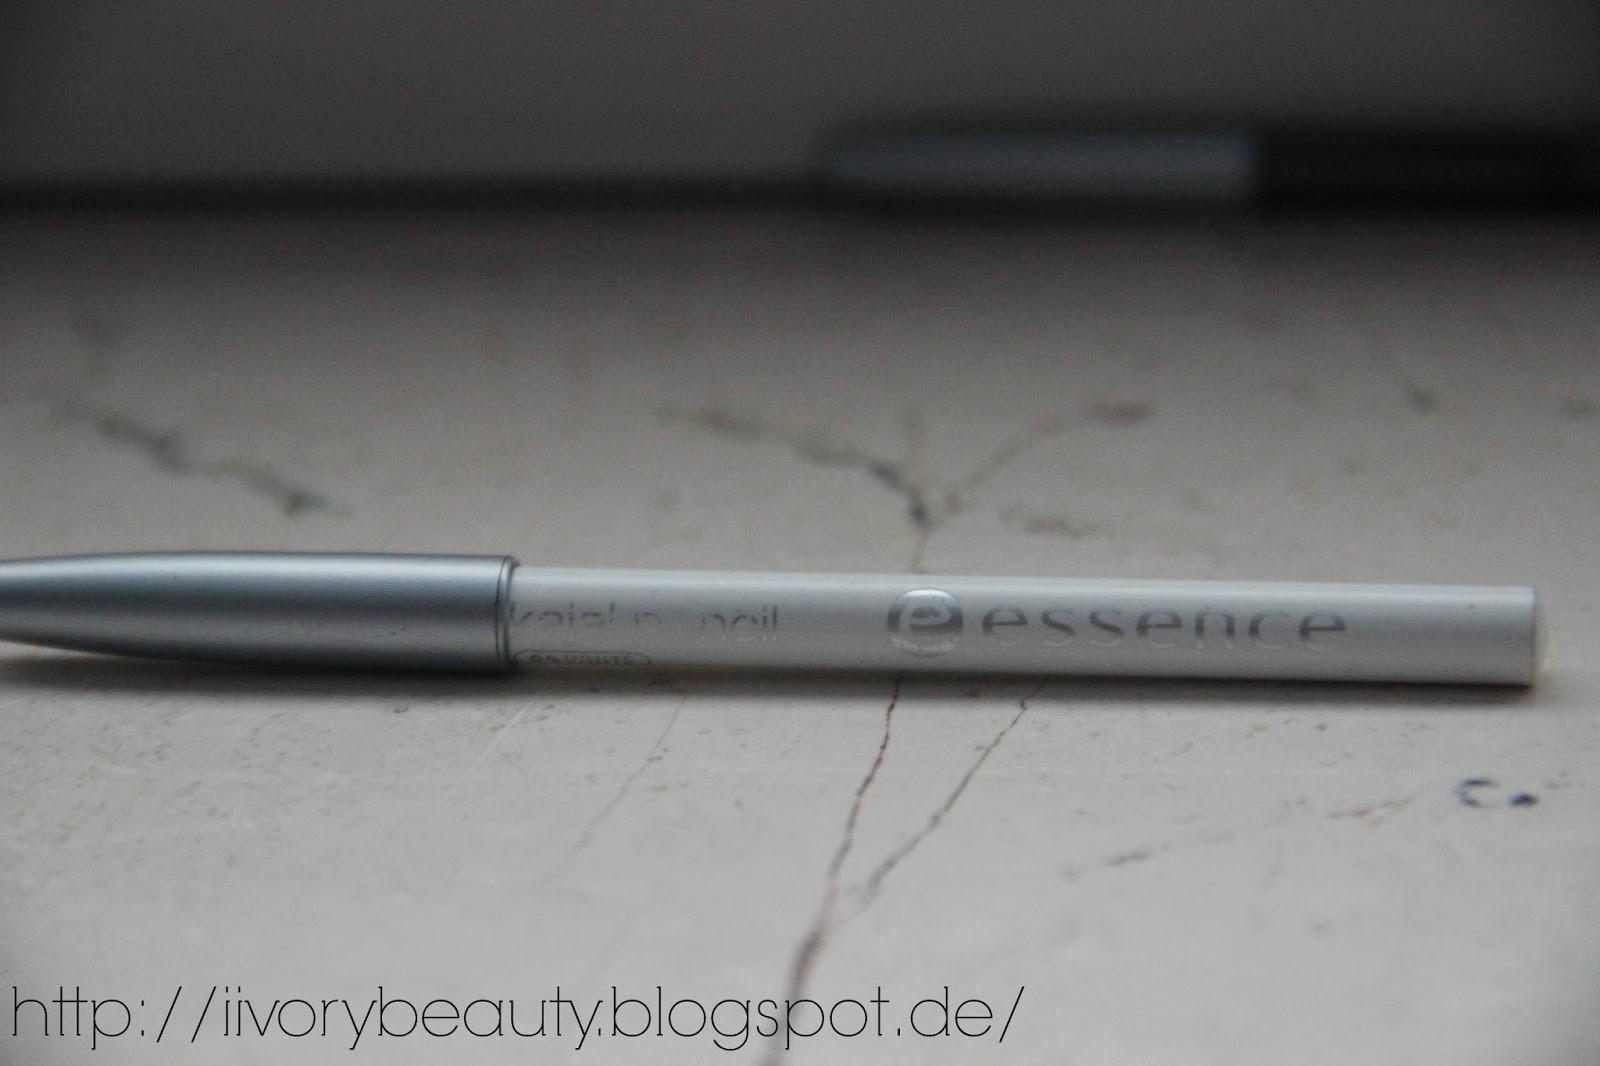 Meine Schminksammlung - Teil 3: Mascara, Eyeliner & Kajal ♥ | Ivory ...